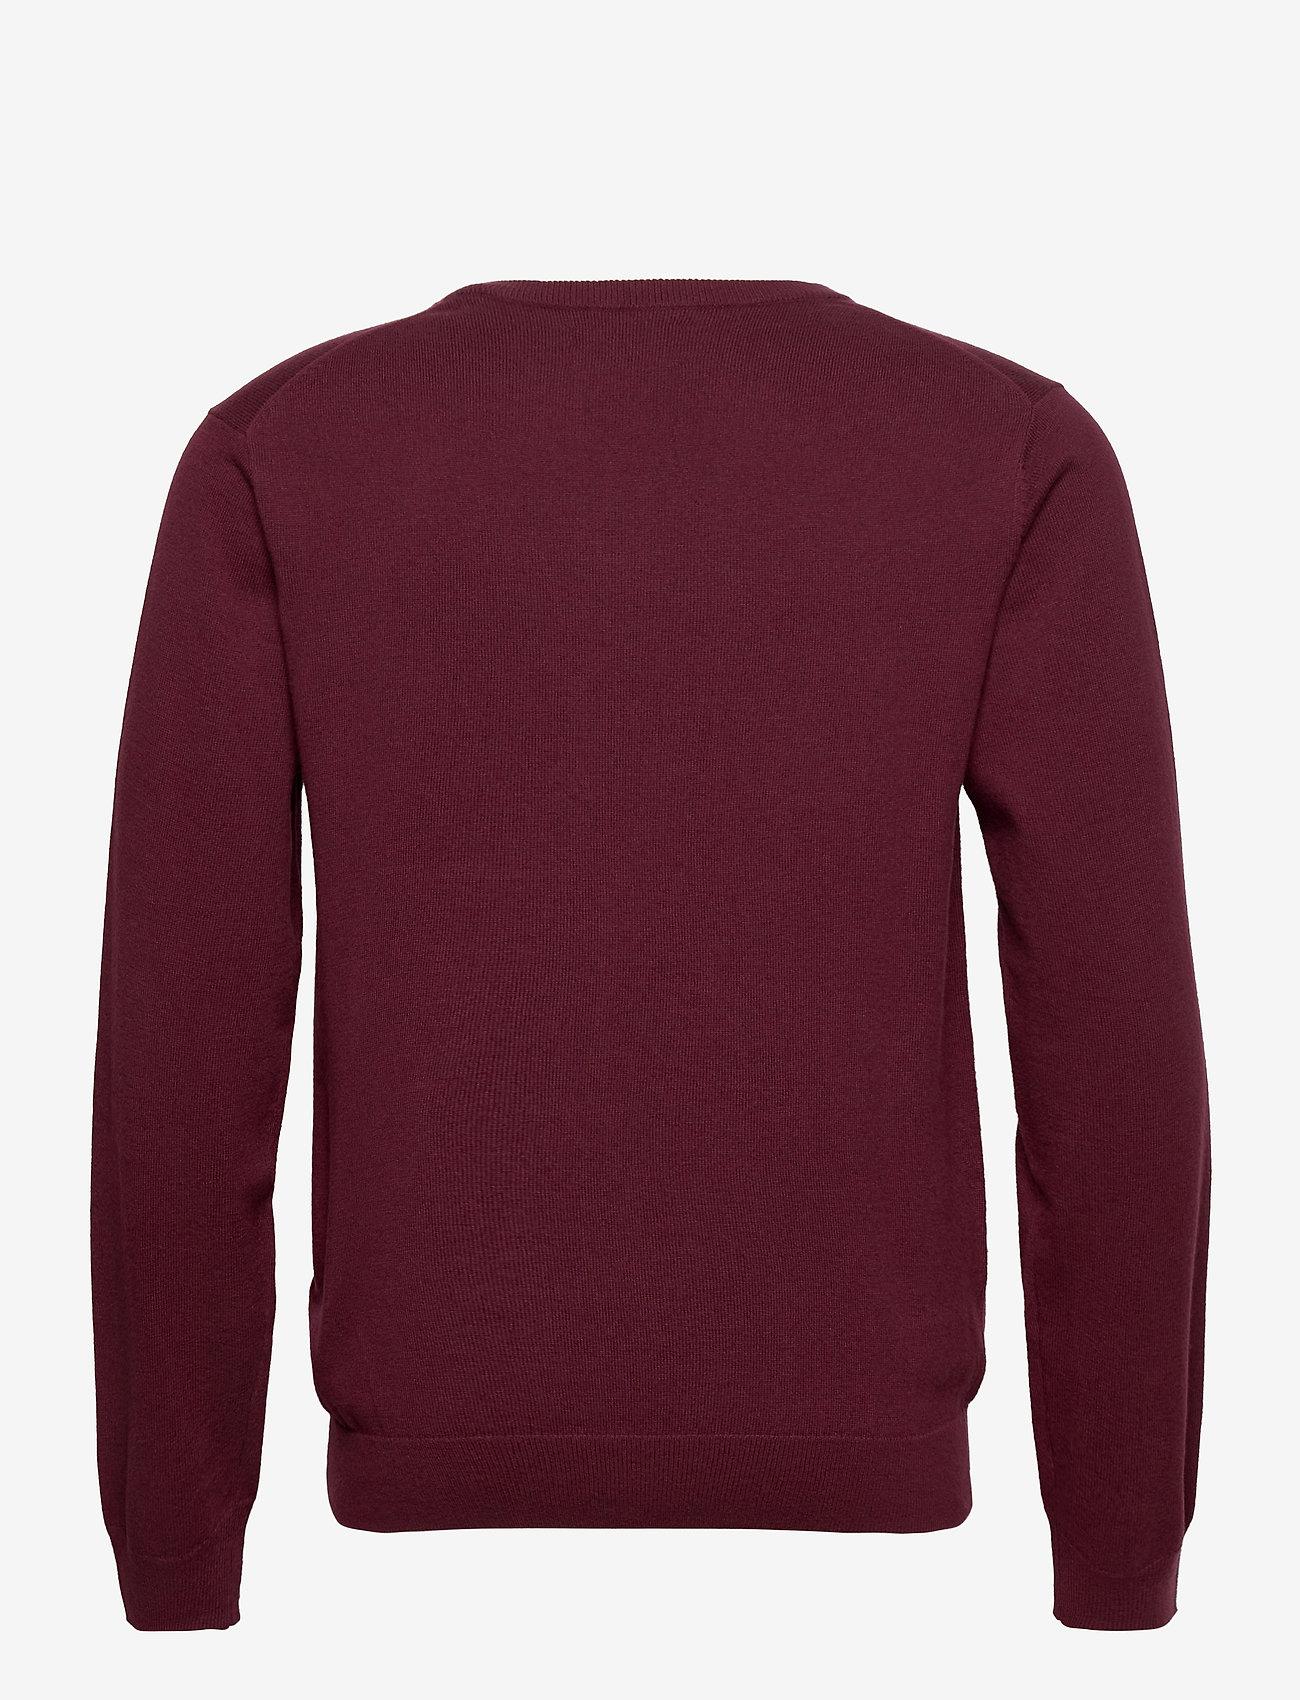 GANT - COTTON WOOL V-NECK - knitted v-necks - port red - 1